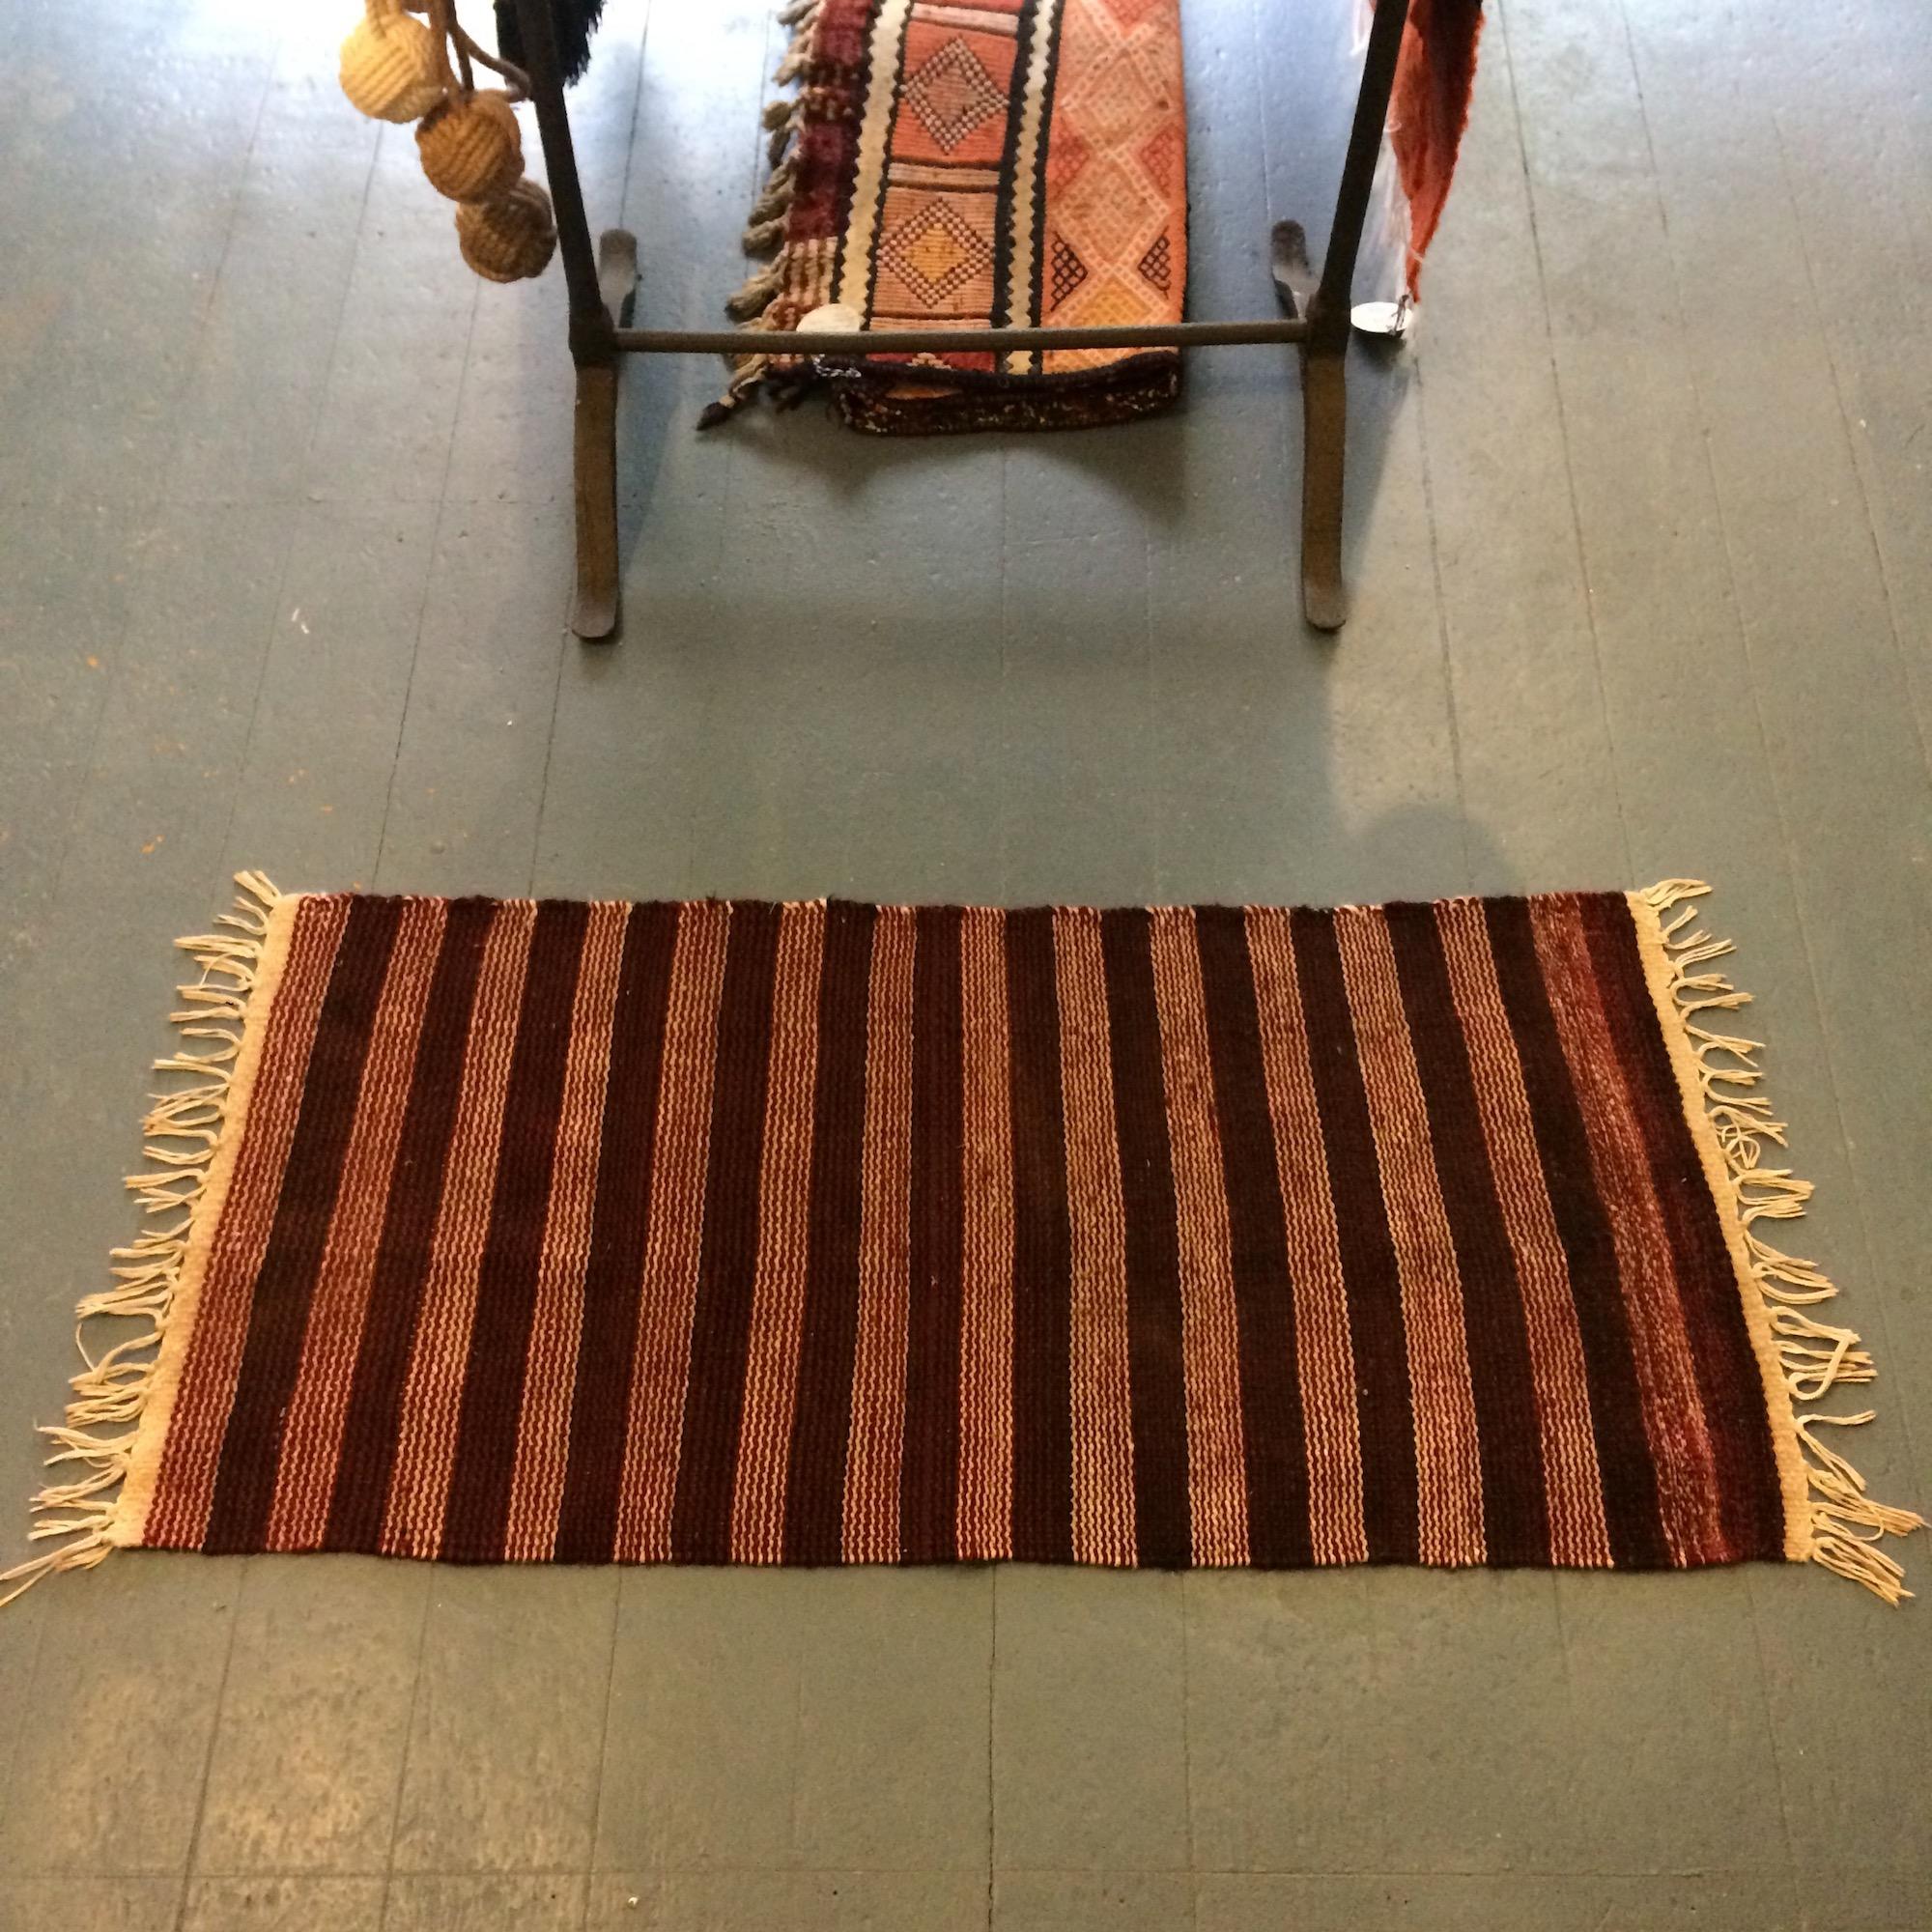 Handwoven Bedouin Dark Red Striped Wool Rug